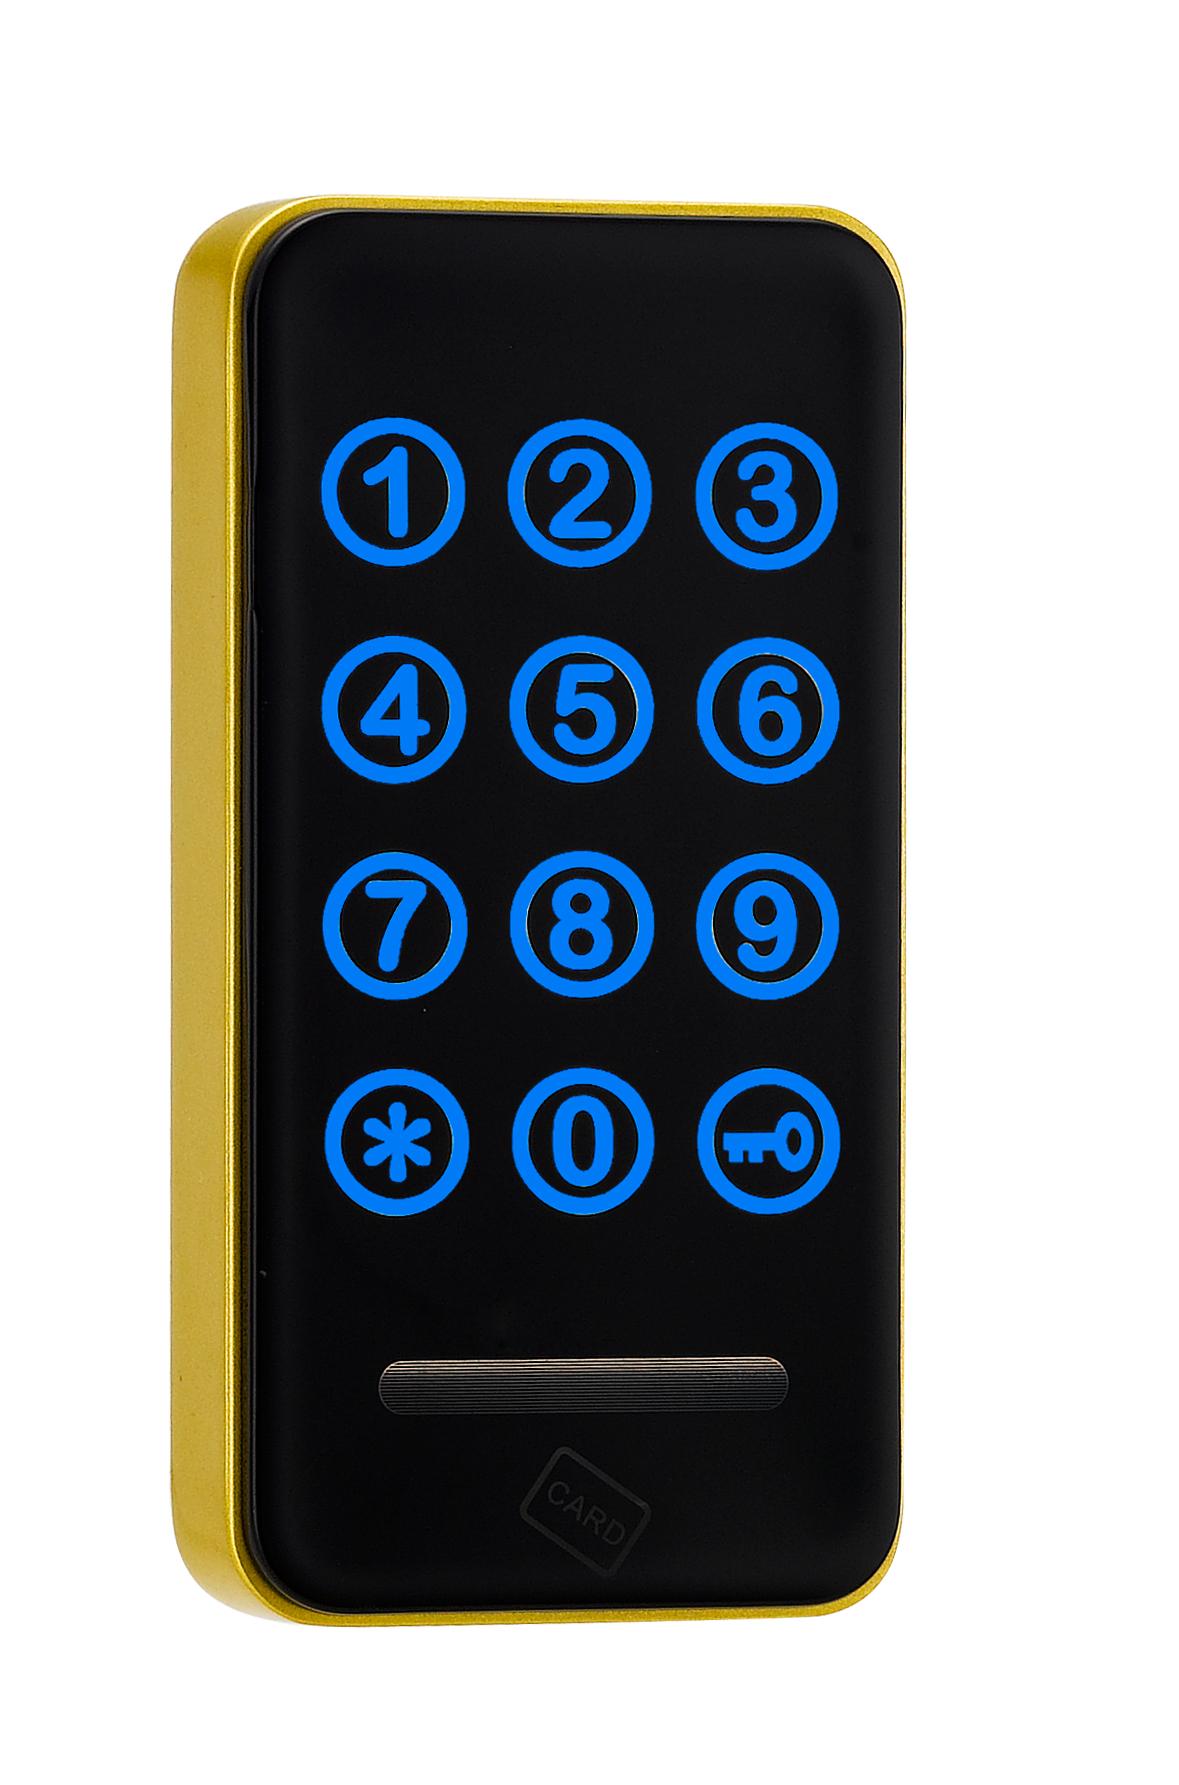 Locking-EM118-J 桑拿锁